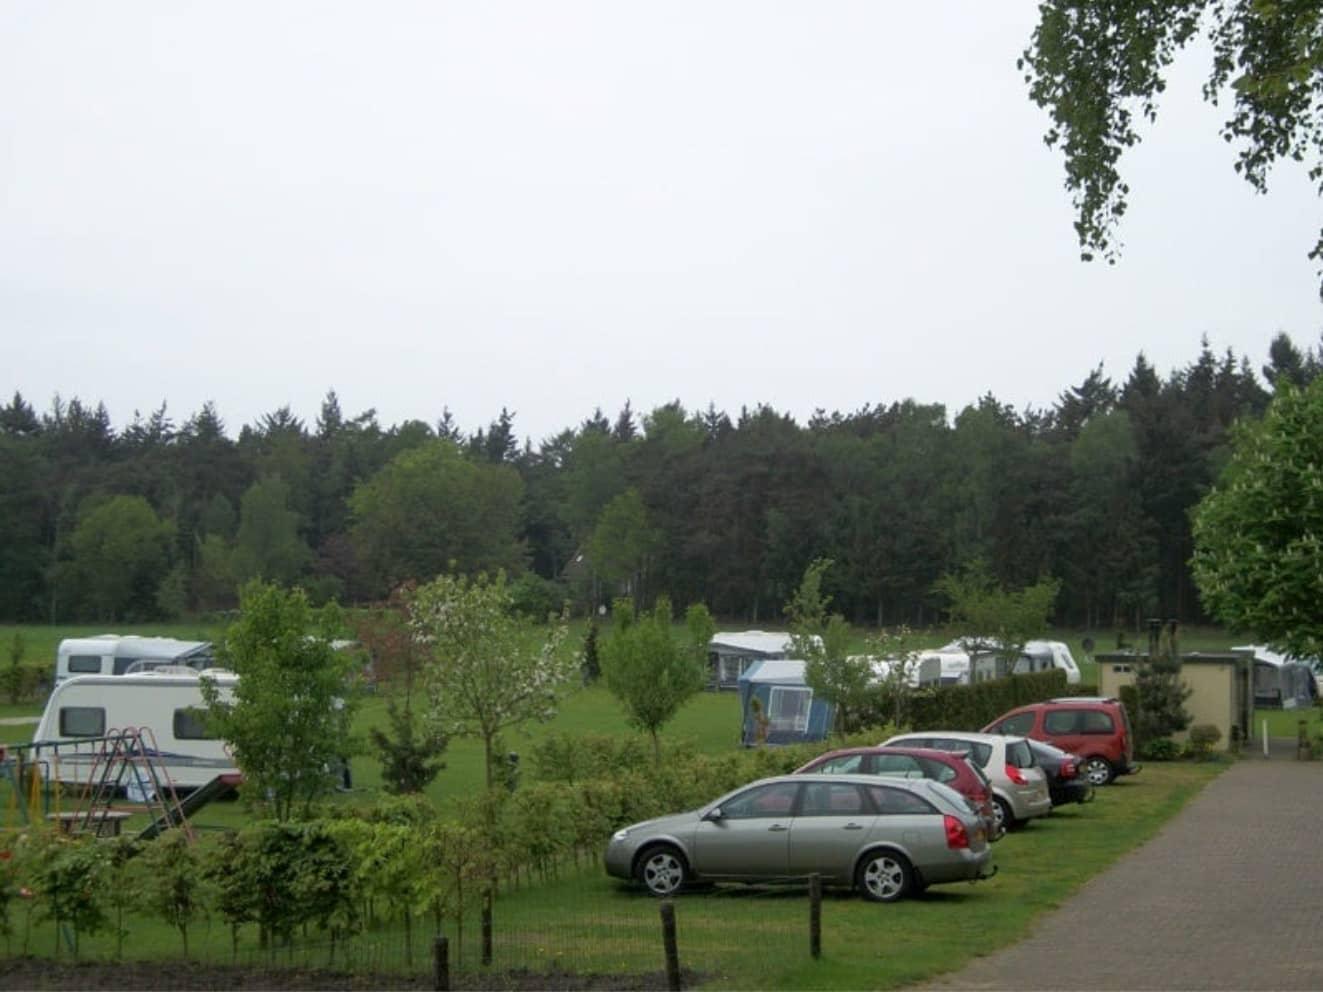 Kamperen bij de boer 36 - camping de prinsenhoeve